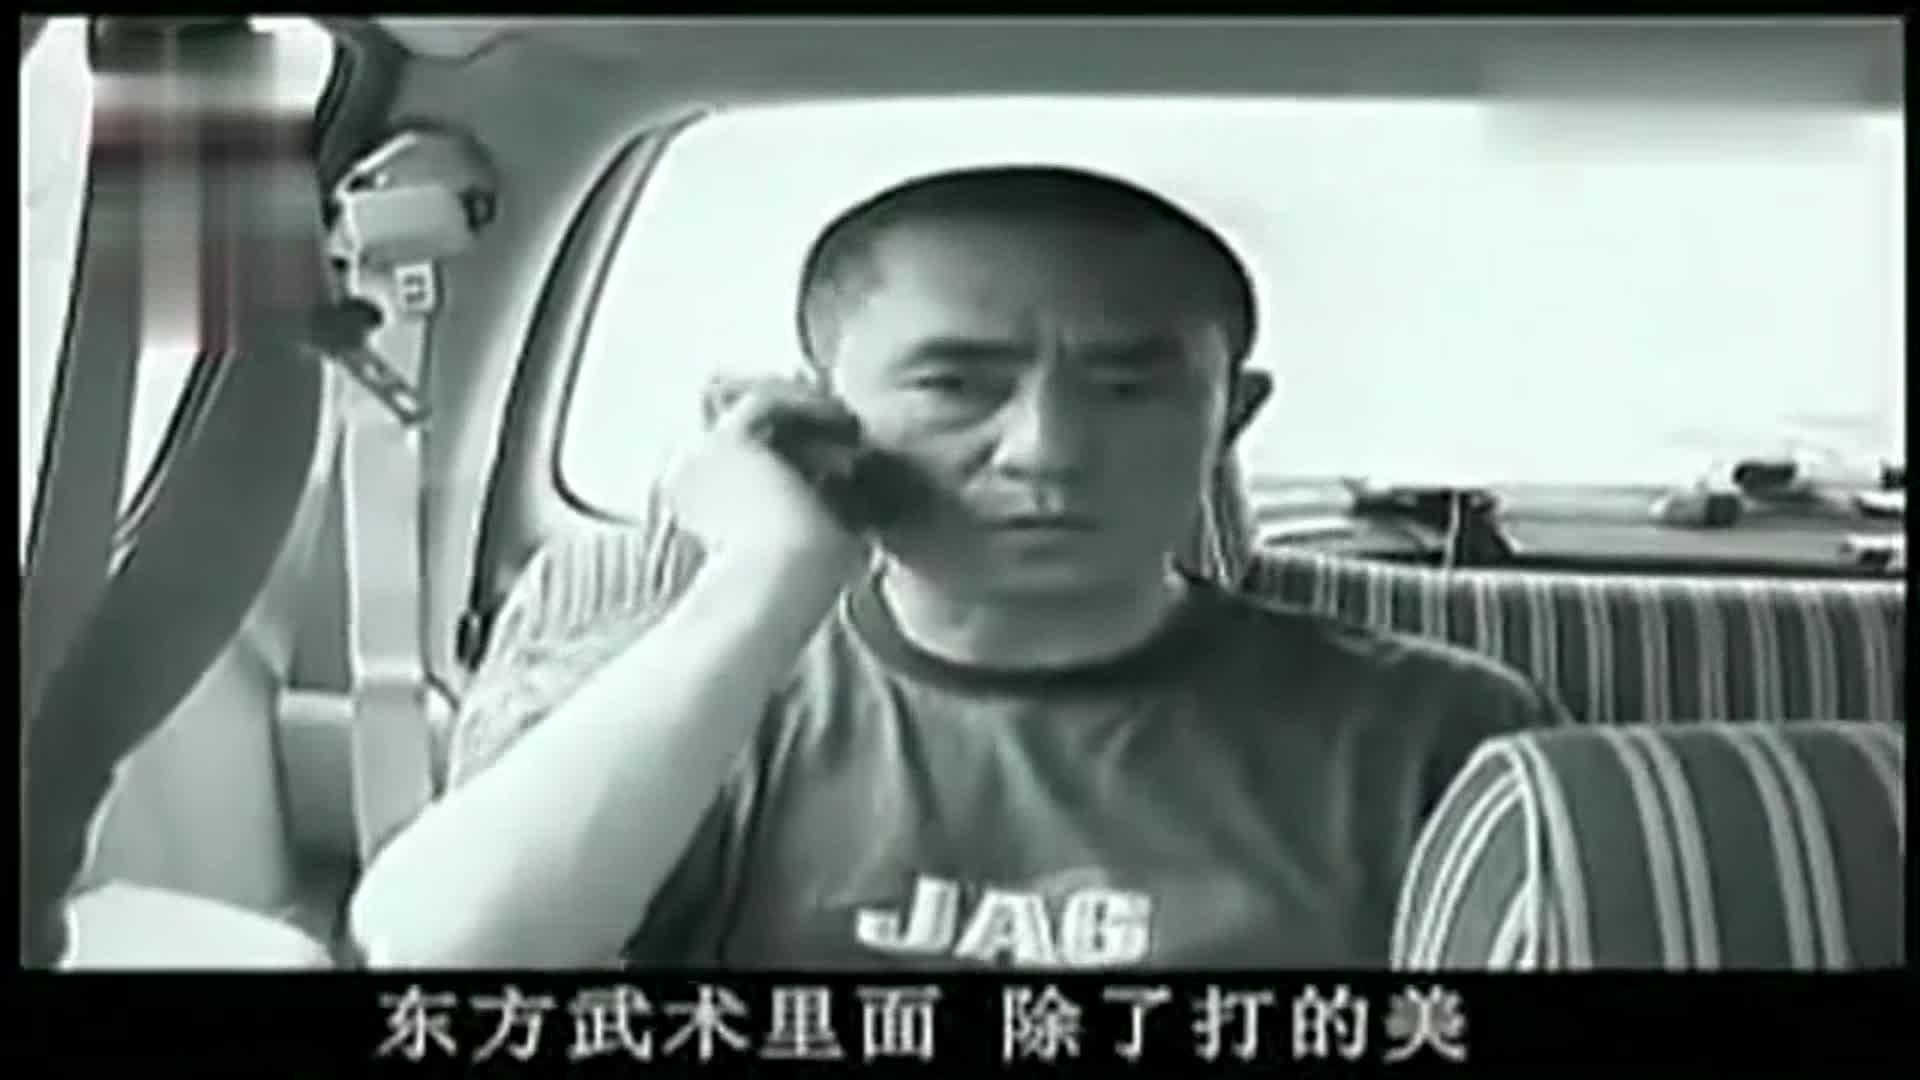 张艺谋邀请李连杰拍摄《英雄》 车上的这次通话很关键!